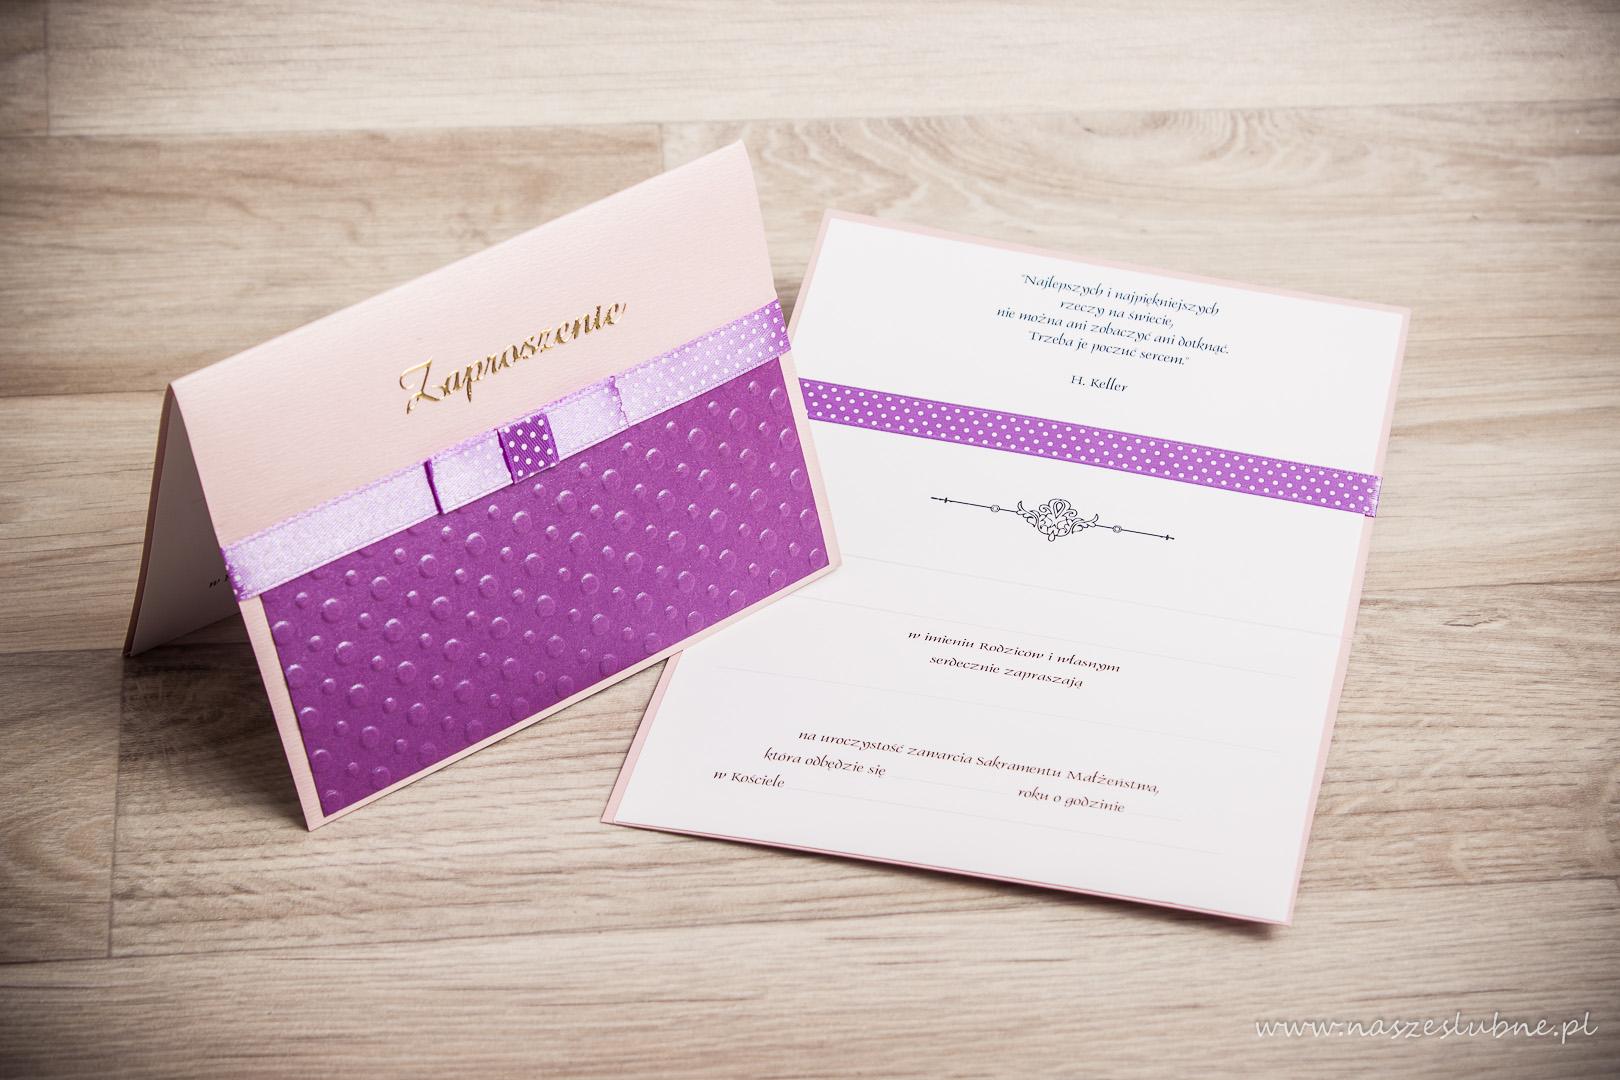 Zaproszenia ślubne – do ręcznego wypisywania: wzór nr 4